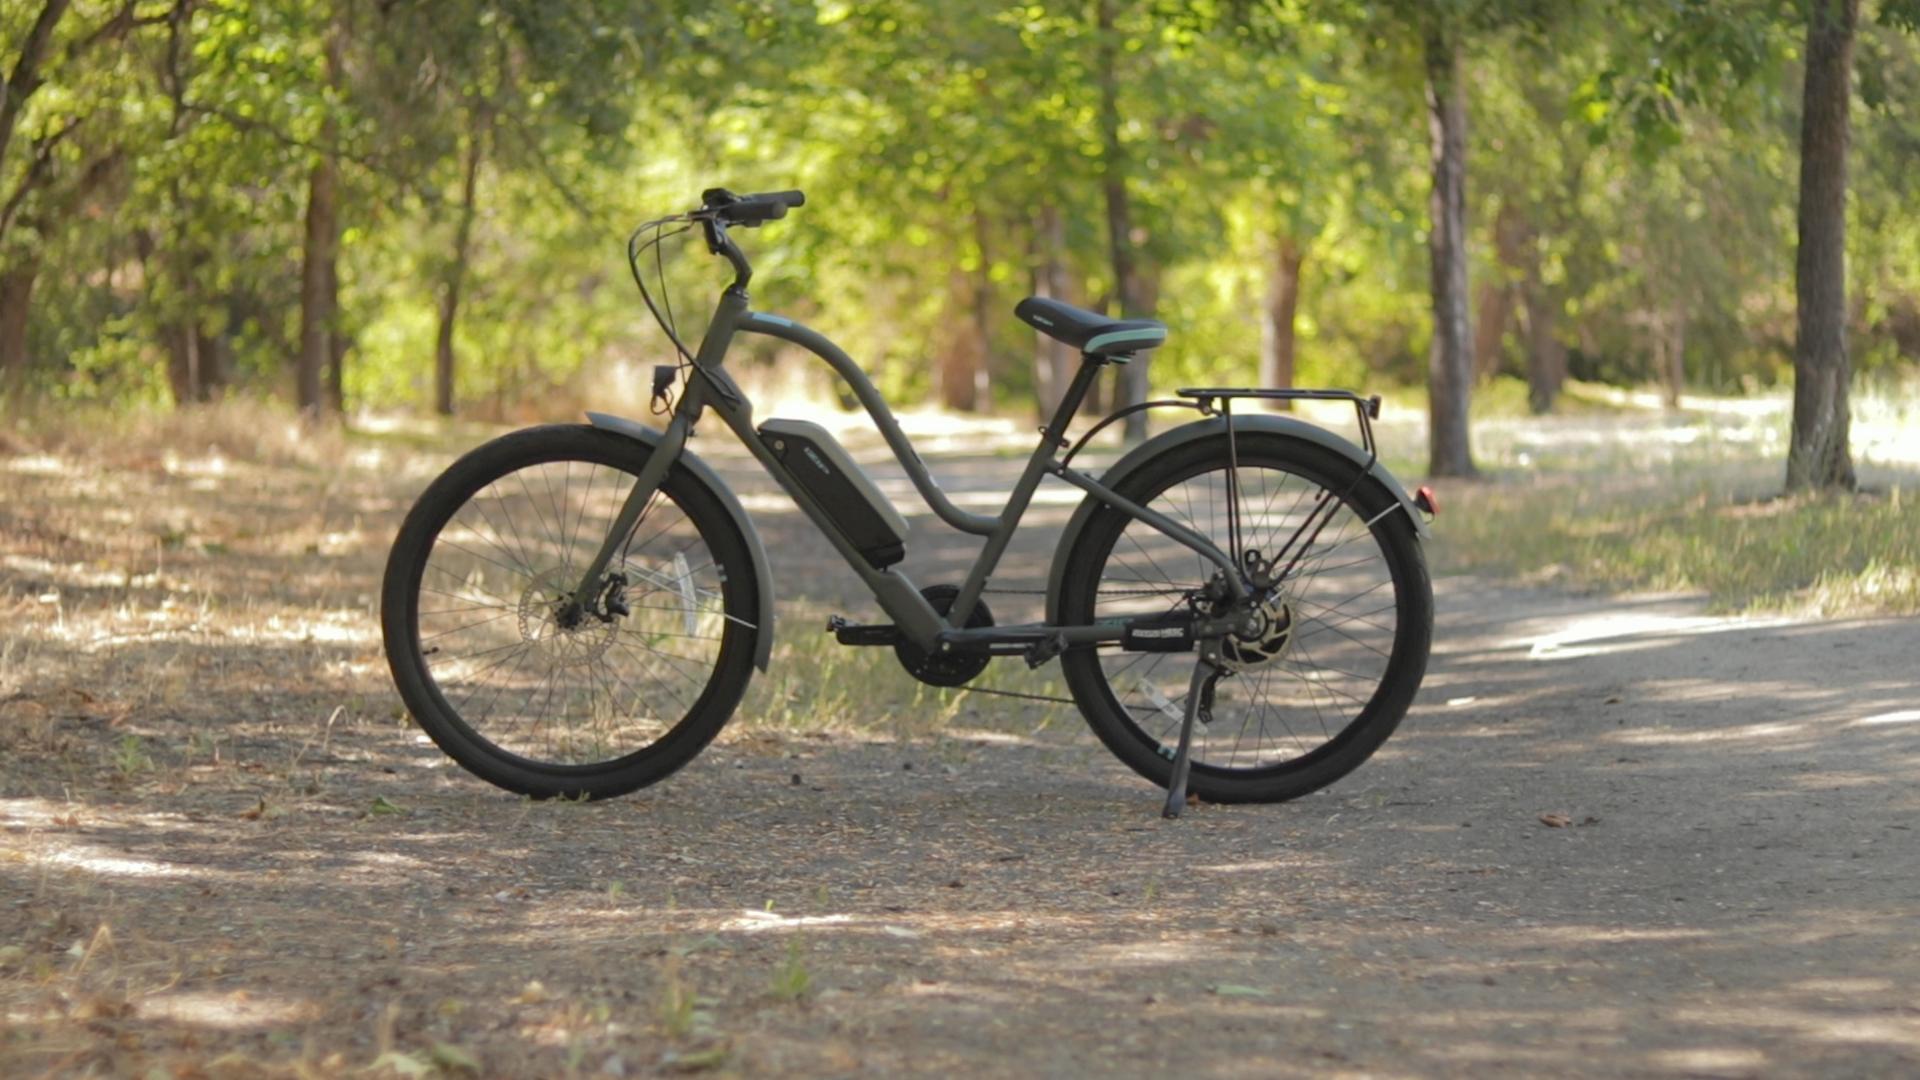 electrified-reviews-izip-simi-electric-bike-review-profile-2.jpg